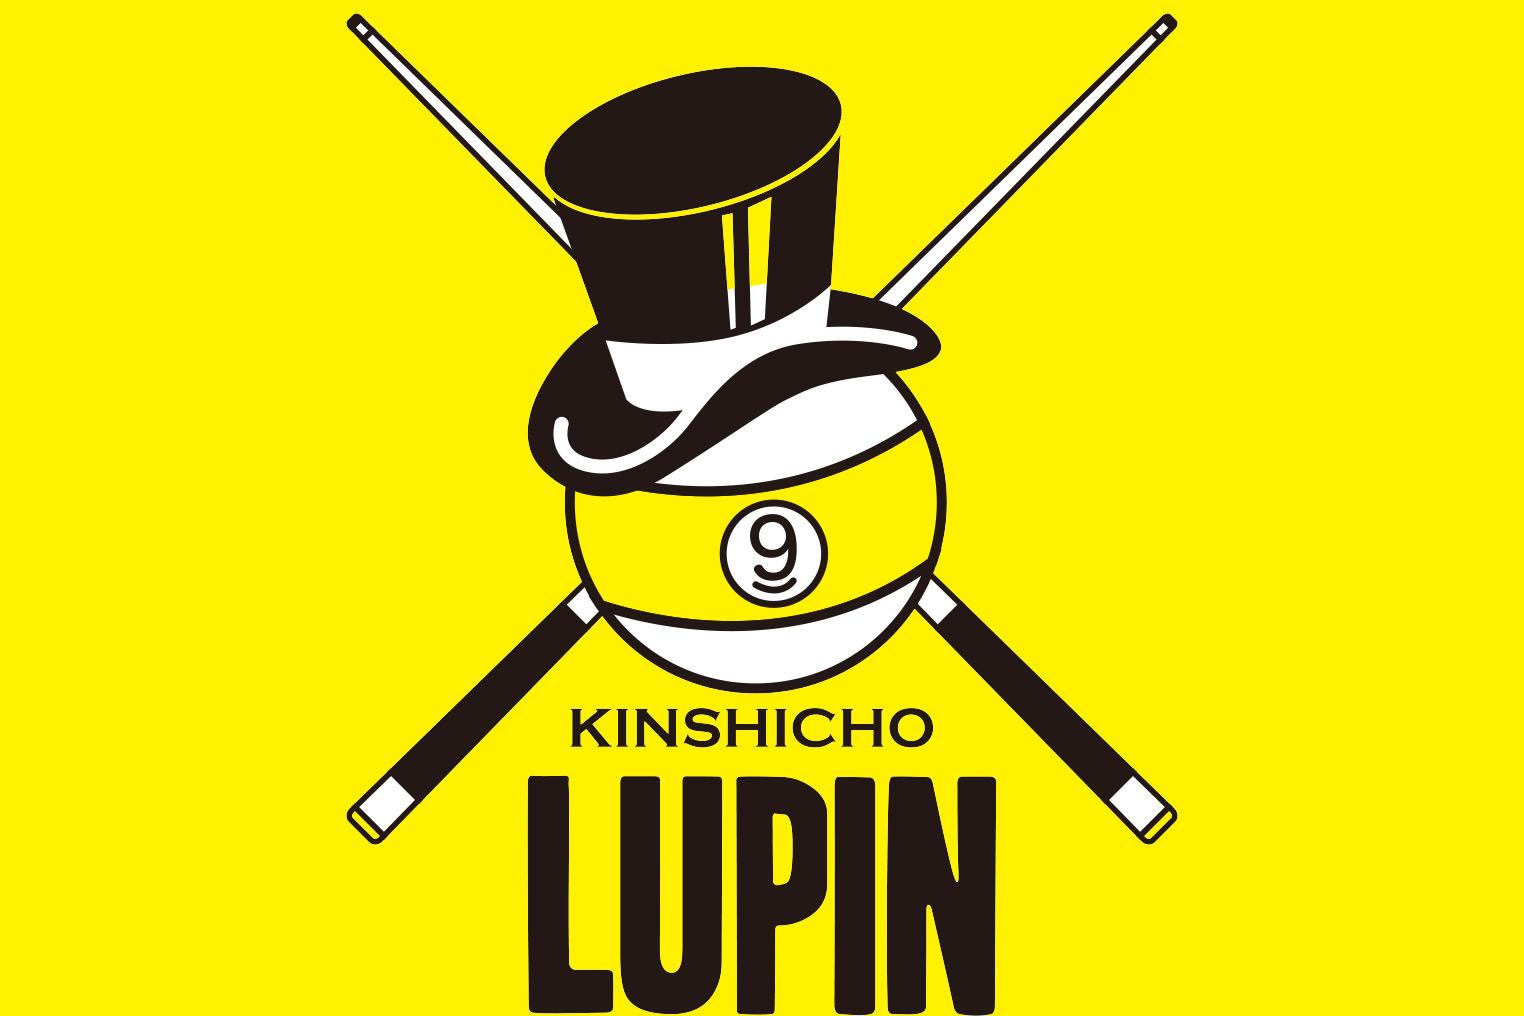 lupin_logo